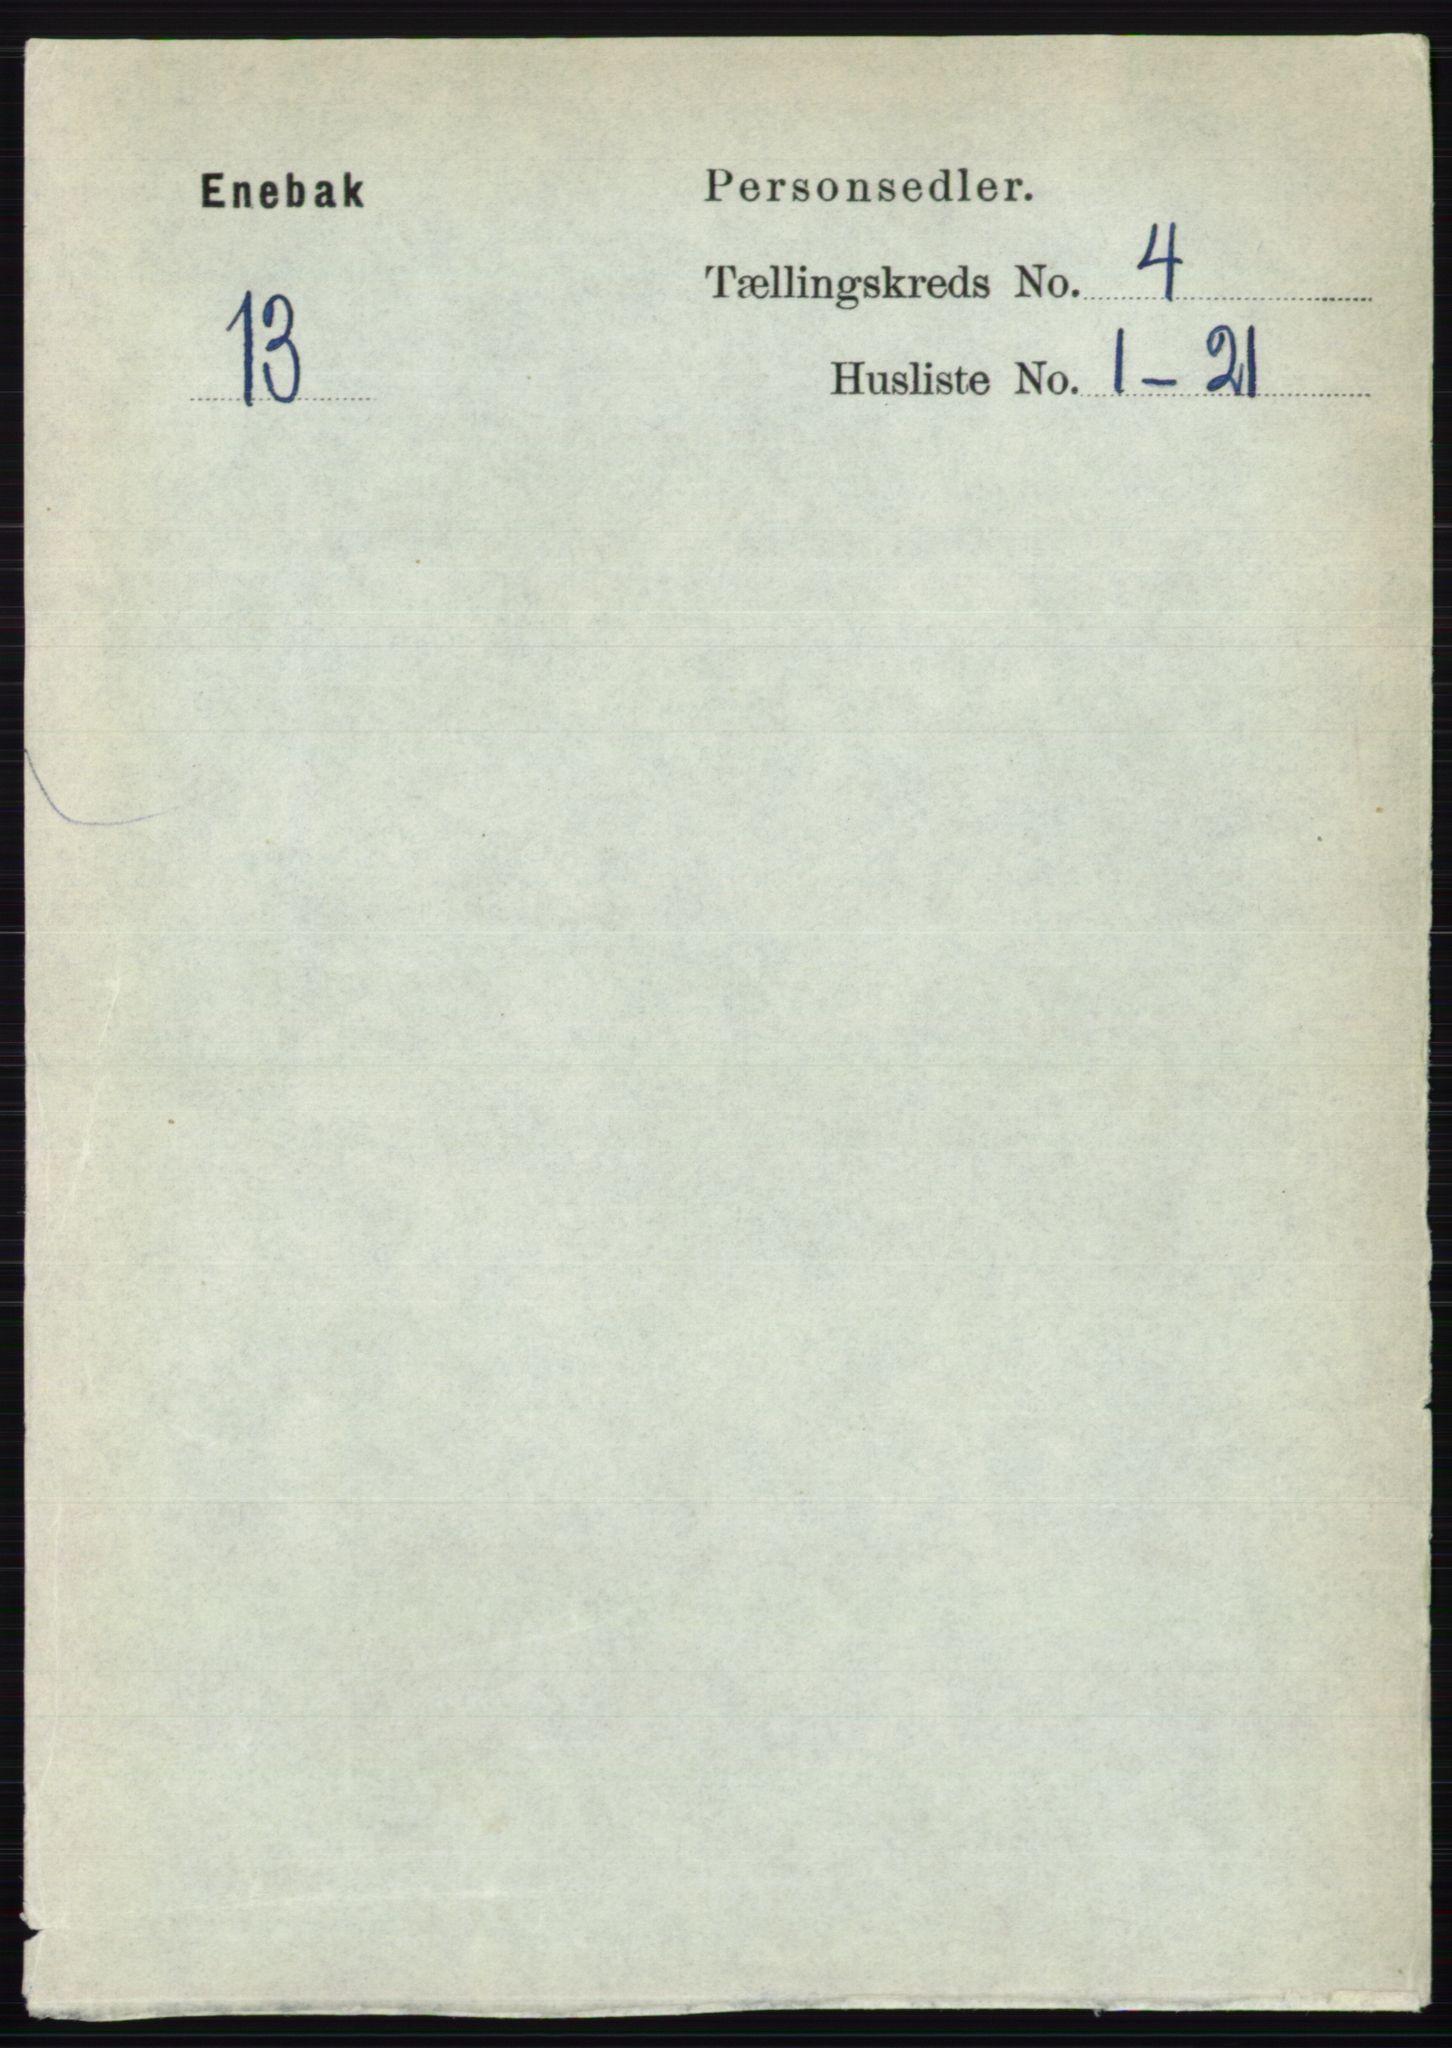 RA, Folketelling 1891 for 0229 Enebakk herred, 1891, s. 1474